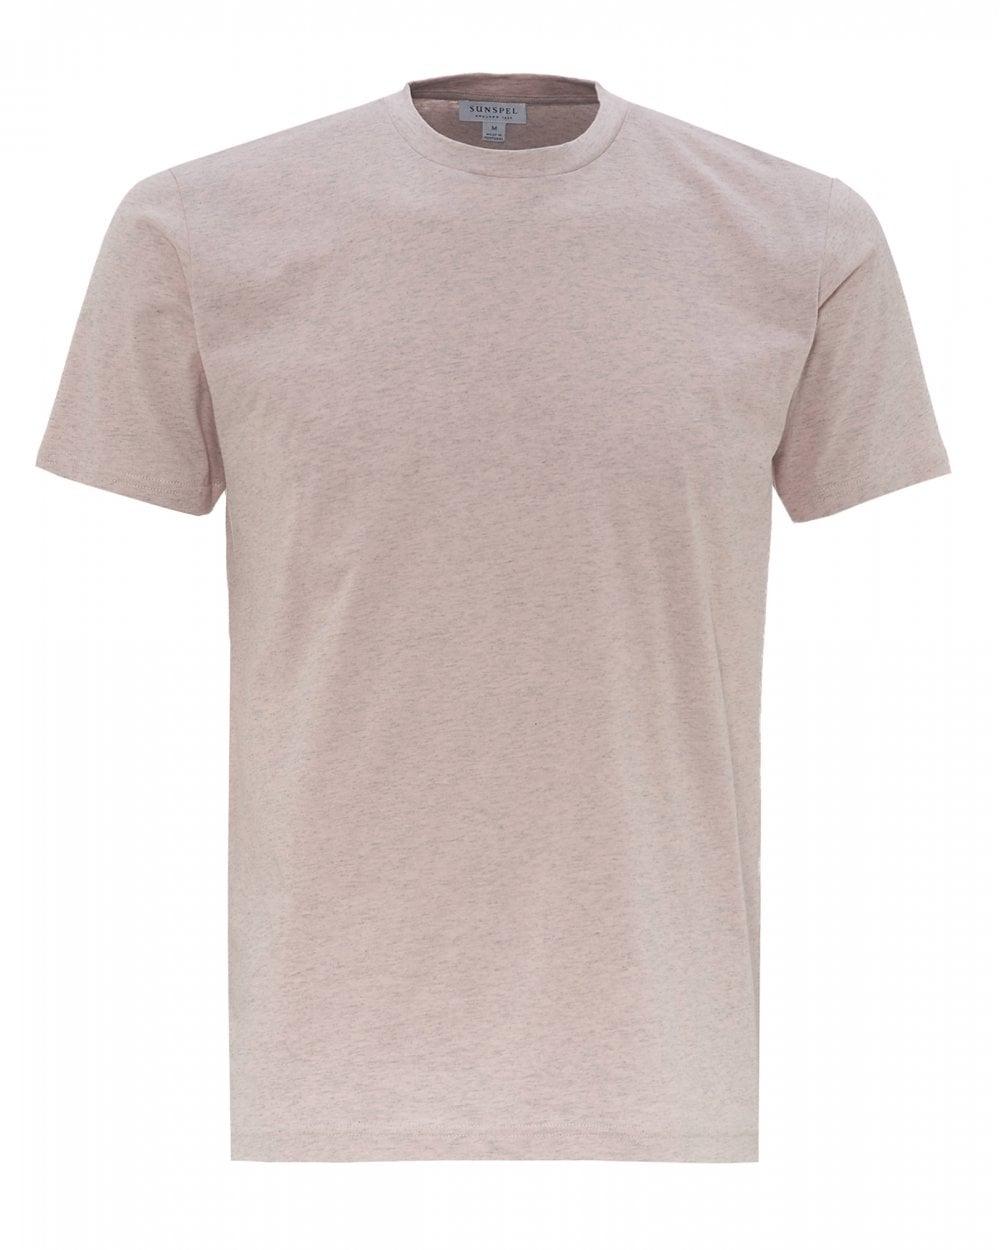 d9405000 Sunspel Mens Organic Cotton Riviera T-Shirt, Pink Melange Marl Tee